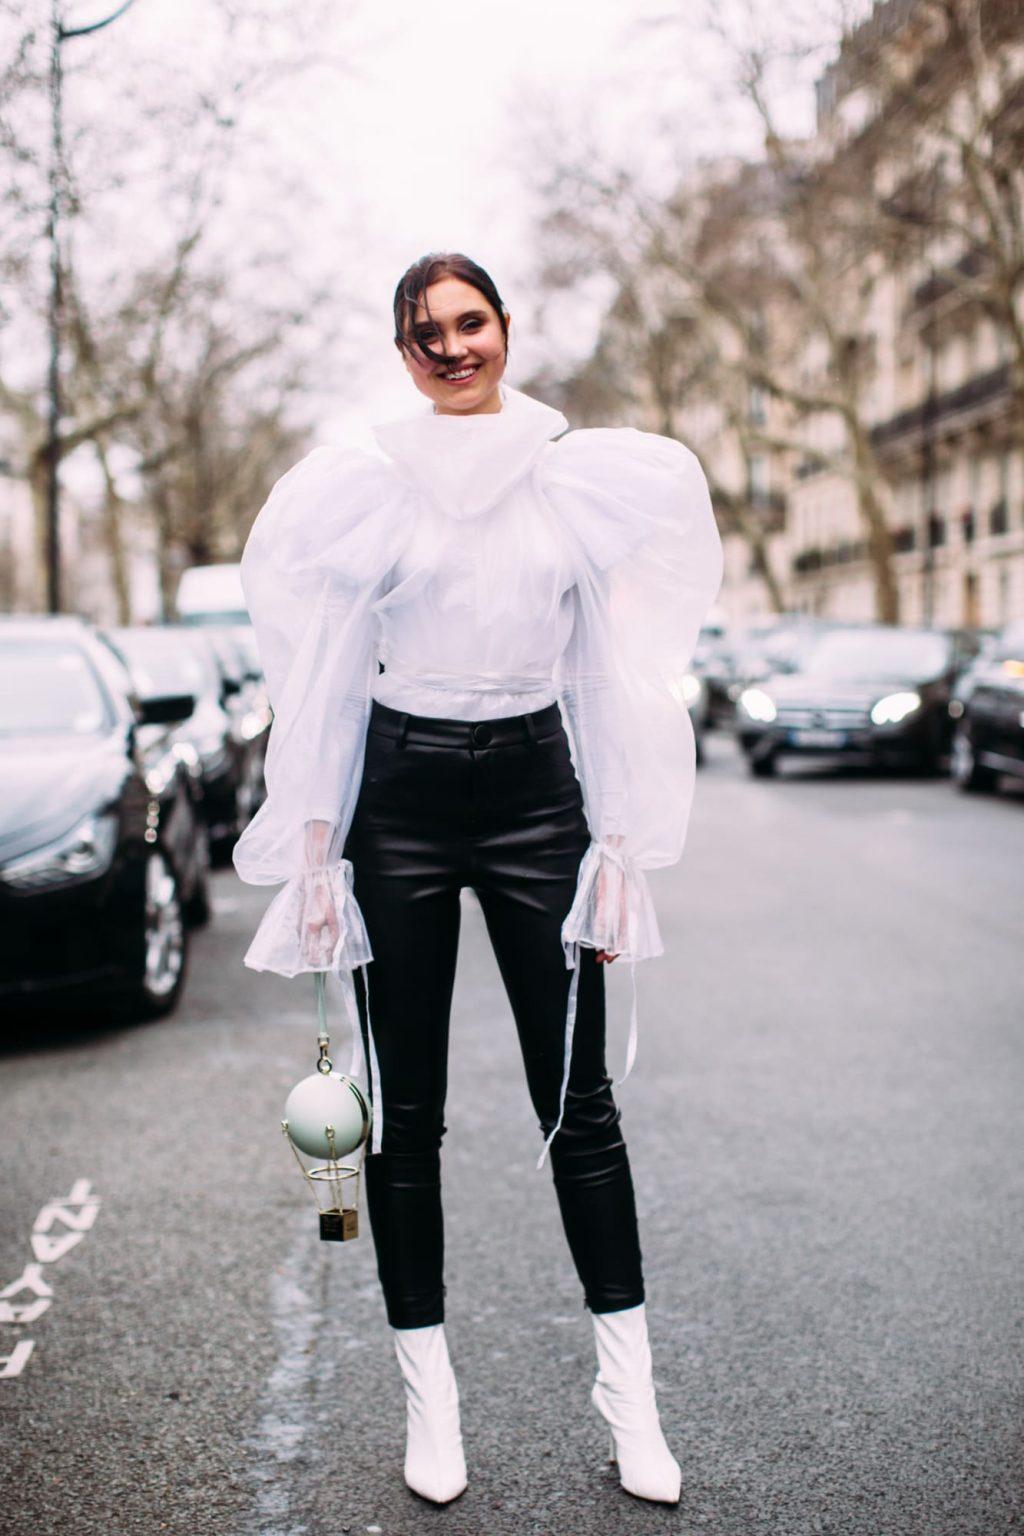 """xu hướng thời trang đường phố hứa hẹn sẽ """"khuấy động"""" làng mốt 22"""